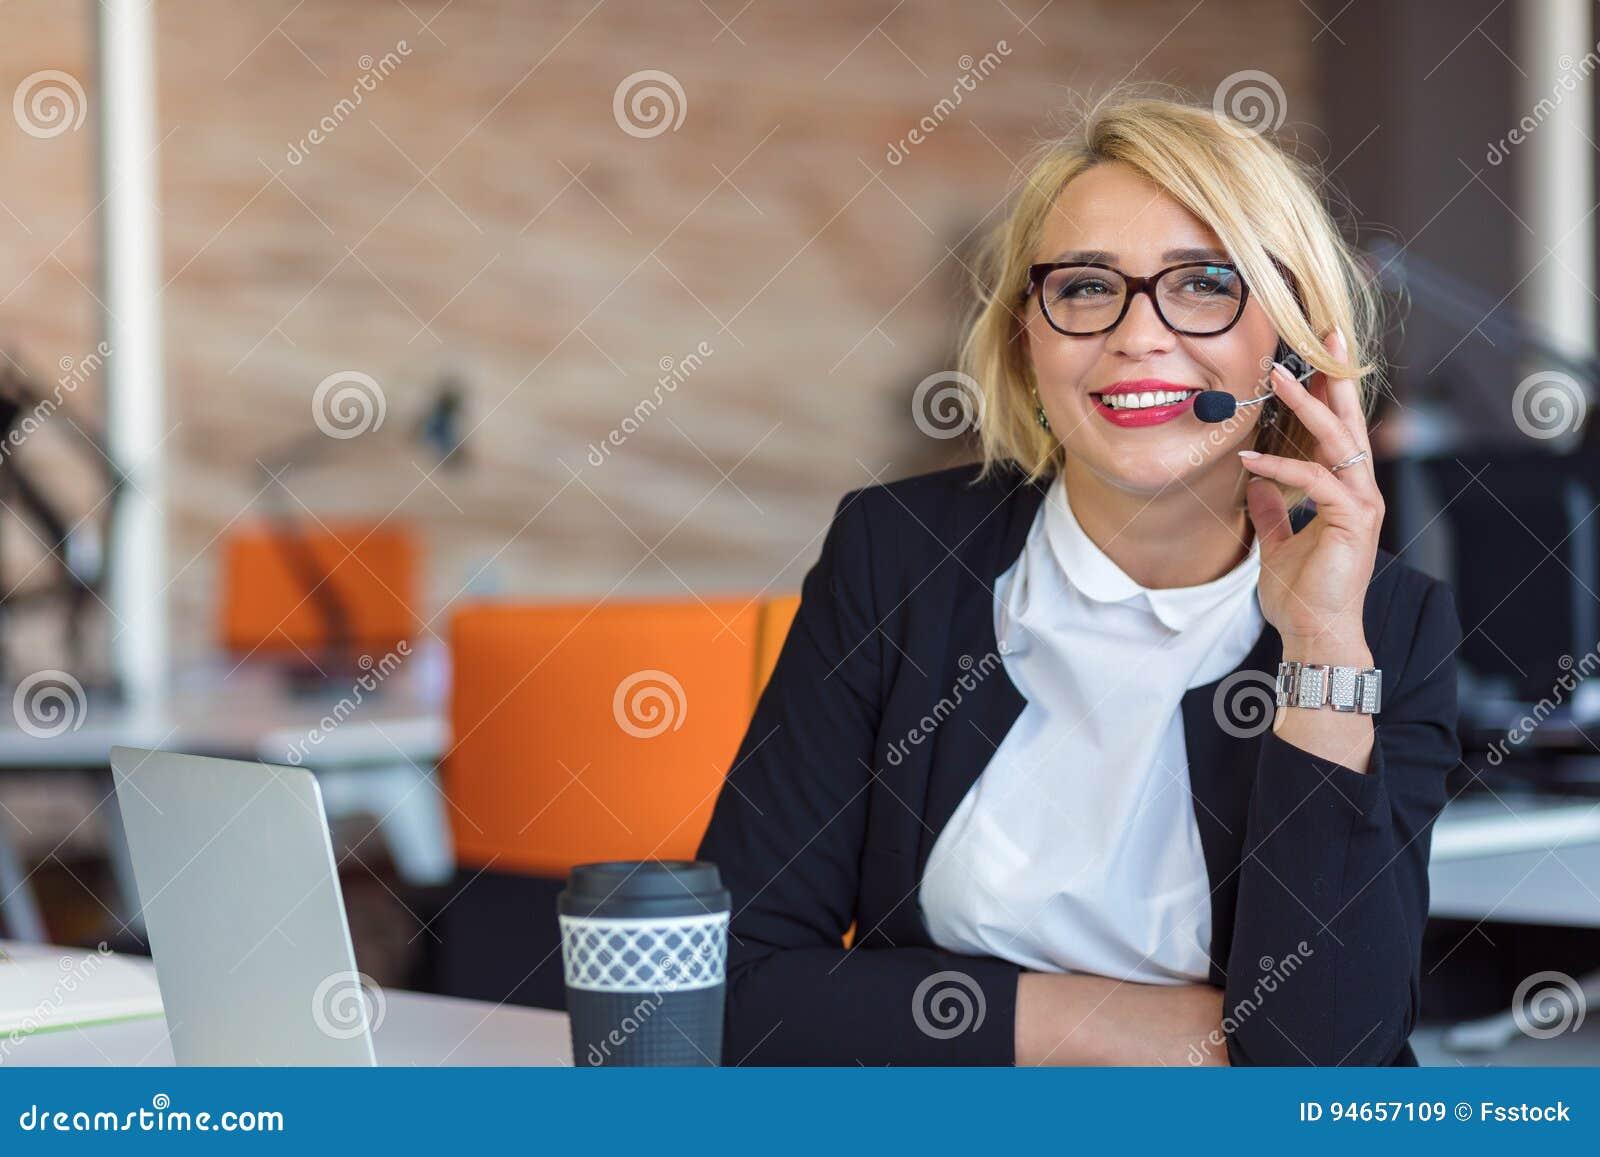 Rappresentante di servizio di assistenza al cliente sul lavoro Bella giovane donna in cuffia avricolare che funziona al computer